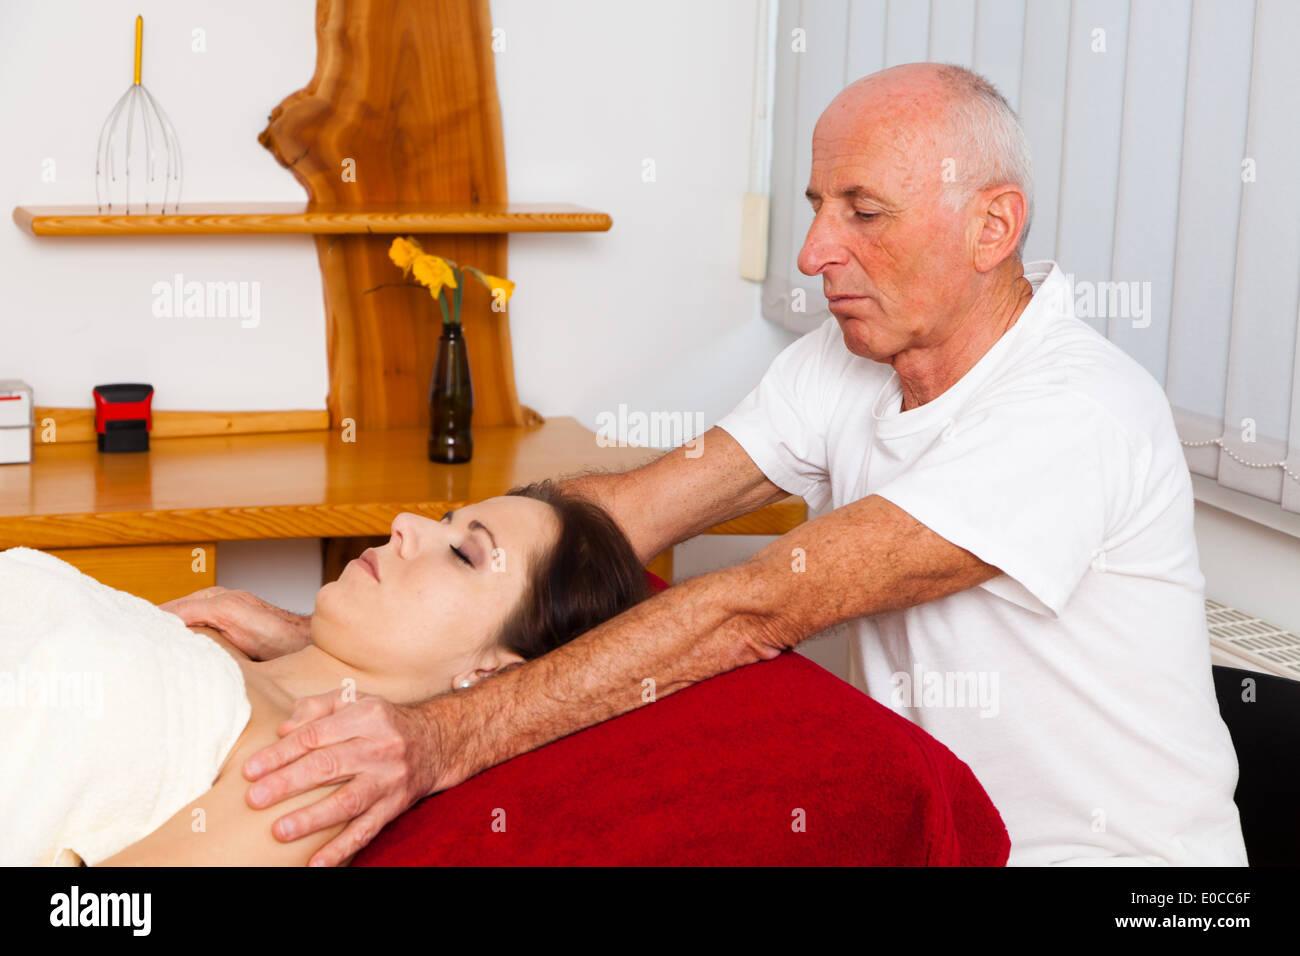 Relaxation, rest and well-being by a massage. Scalp massage, Entspannung, Ruhe und Wohlbefinden durch eine Massage. Kopfmassage Stock Photo